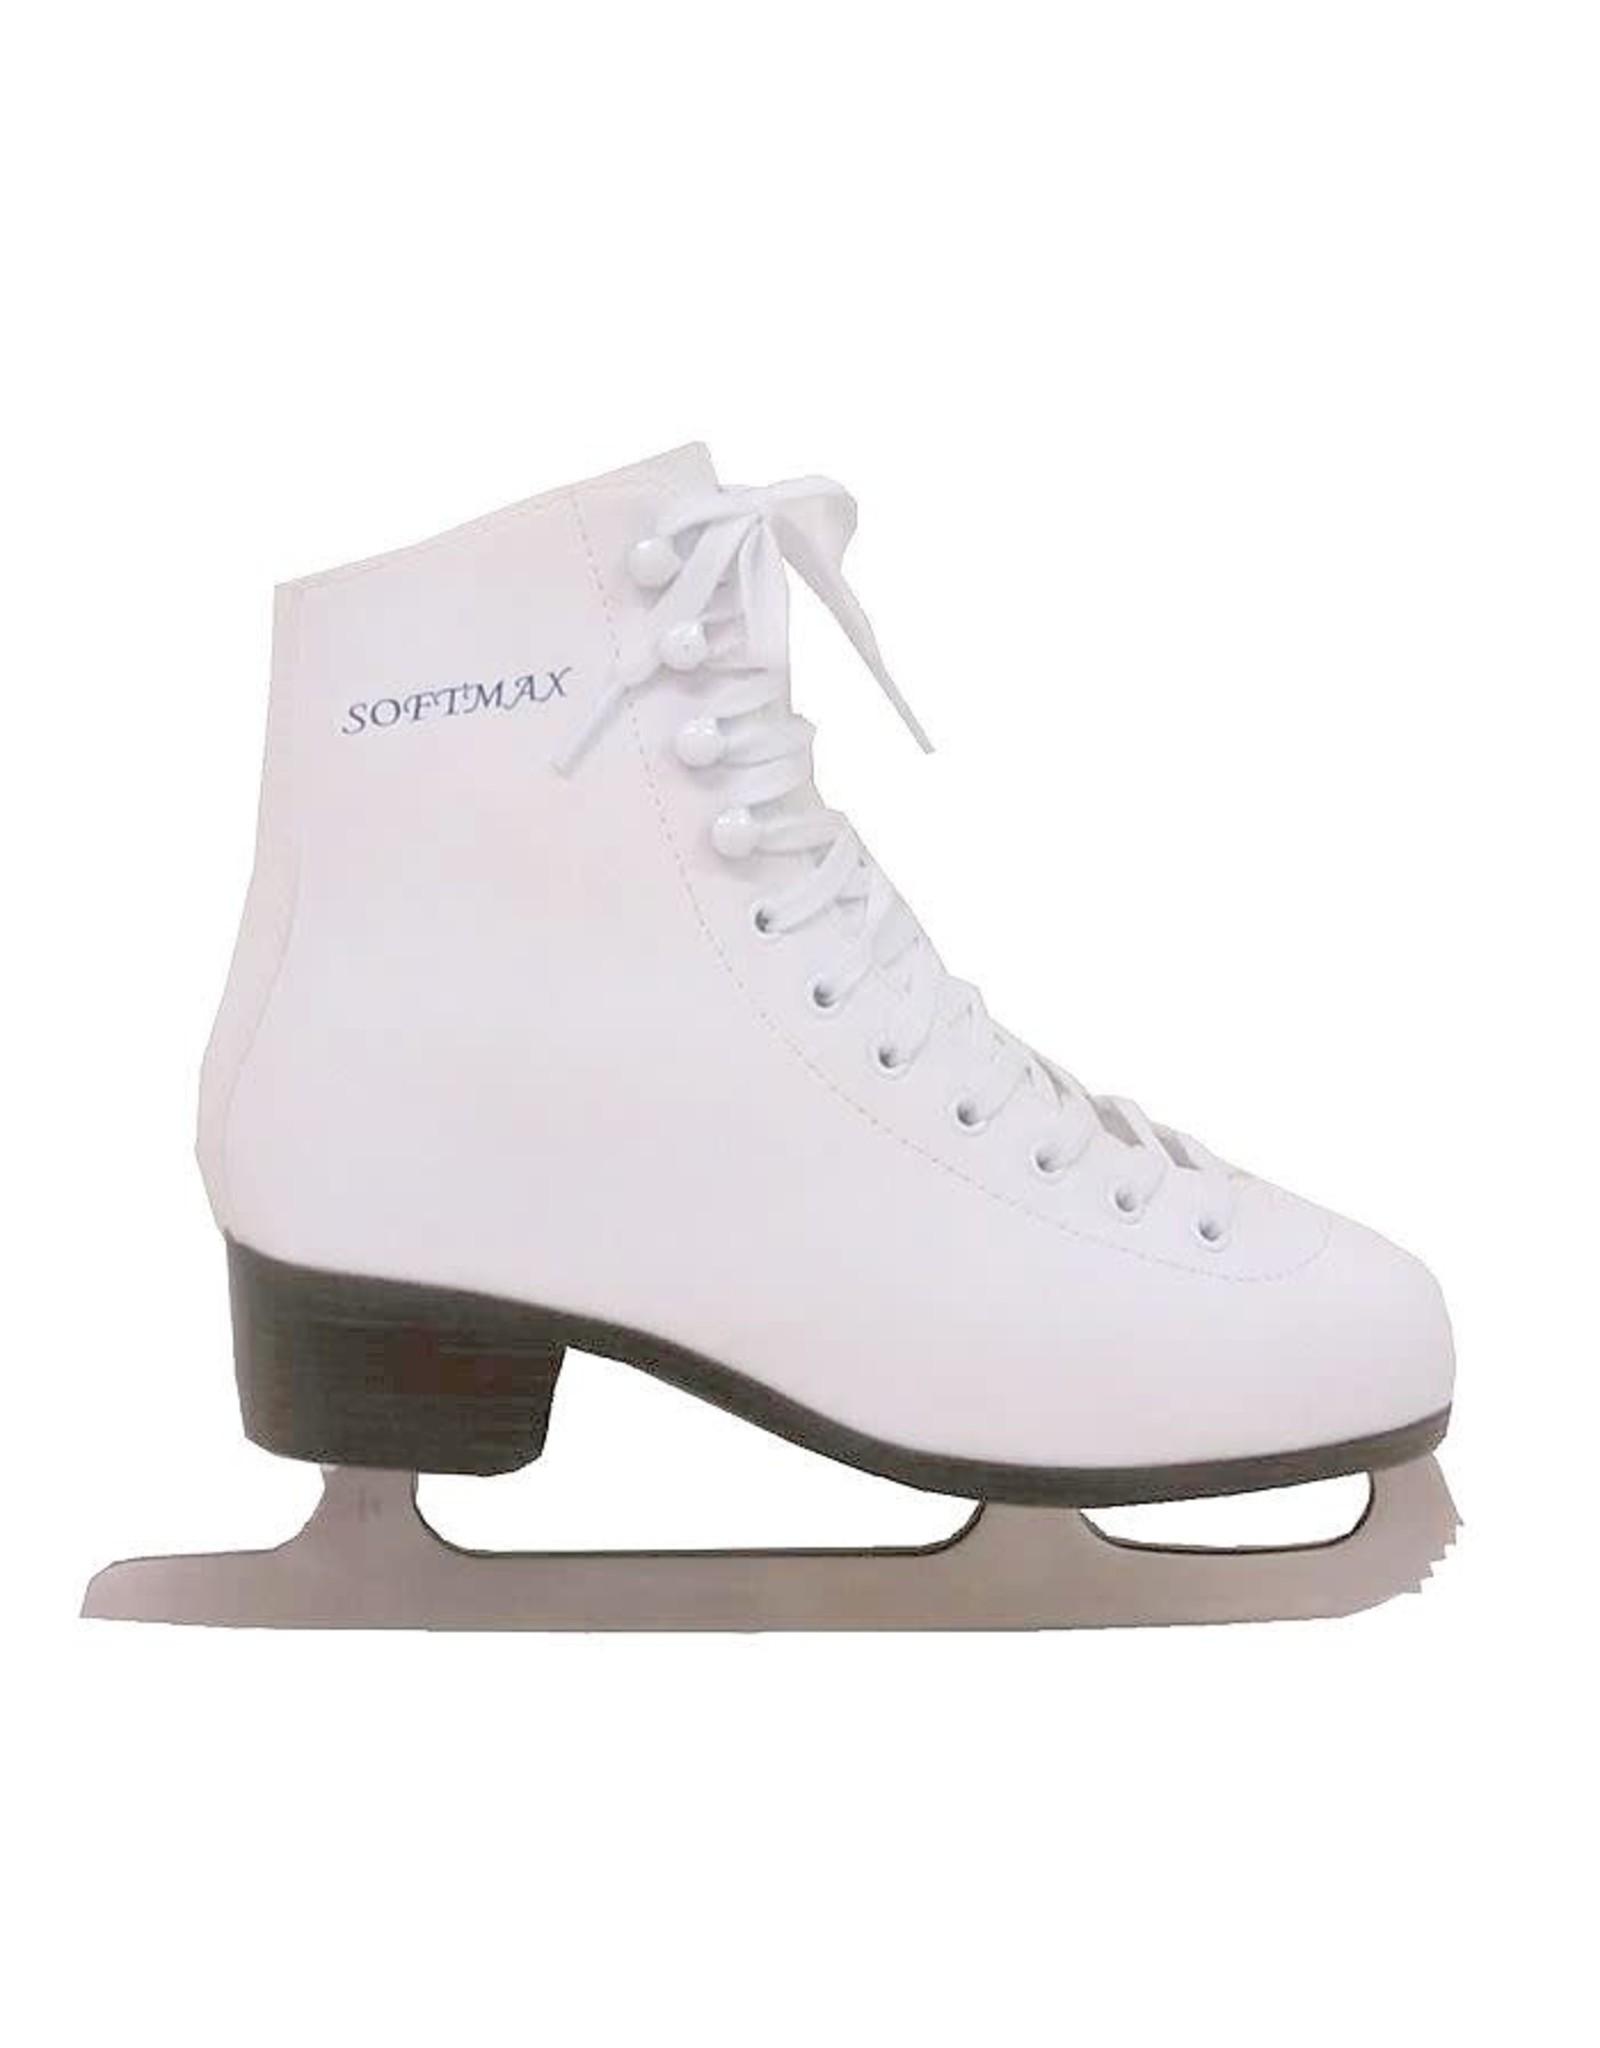 Softmax women classic ice skate 126 white